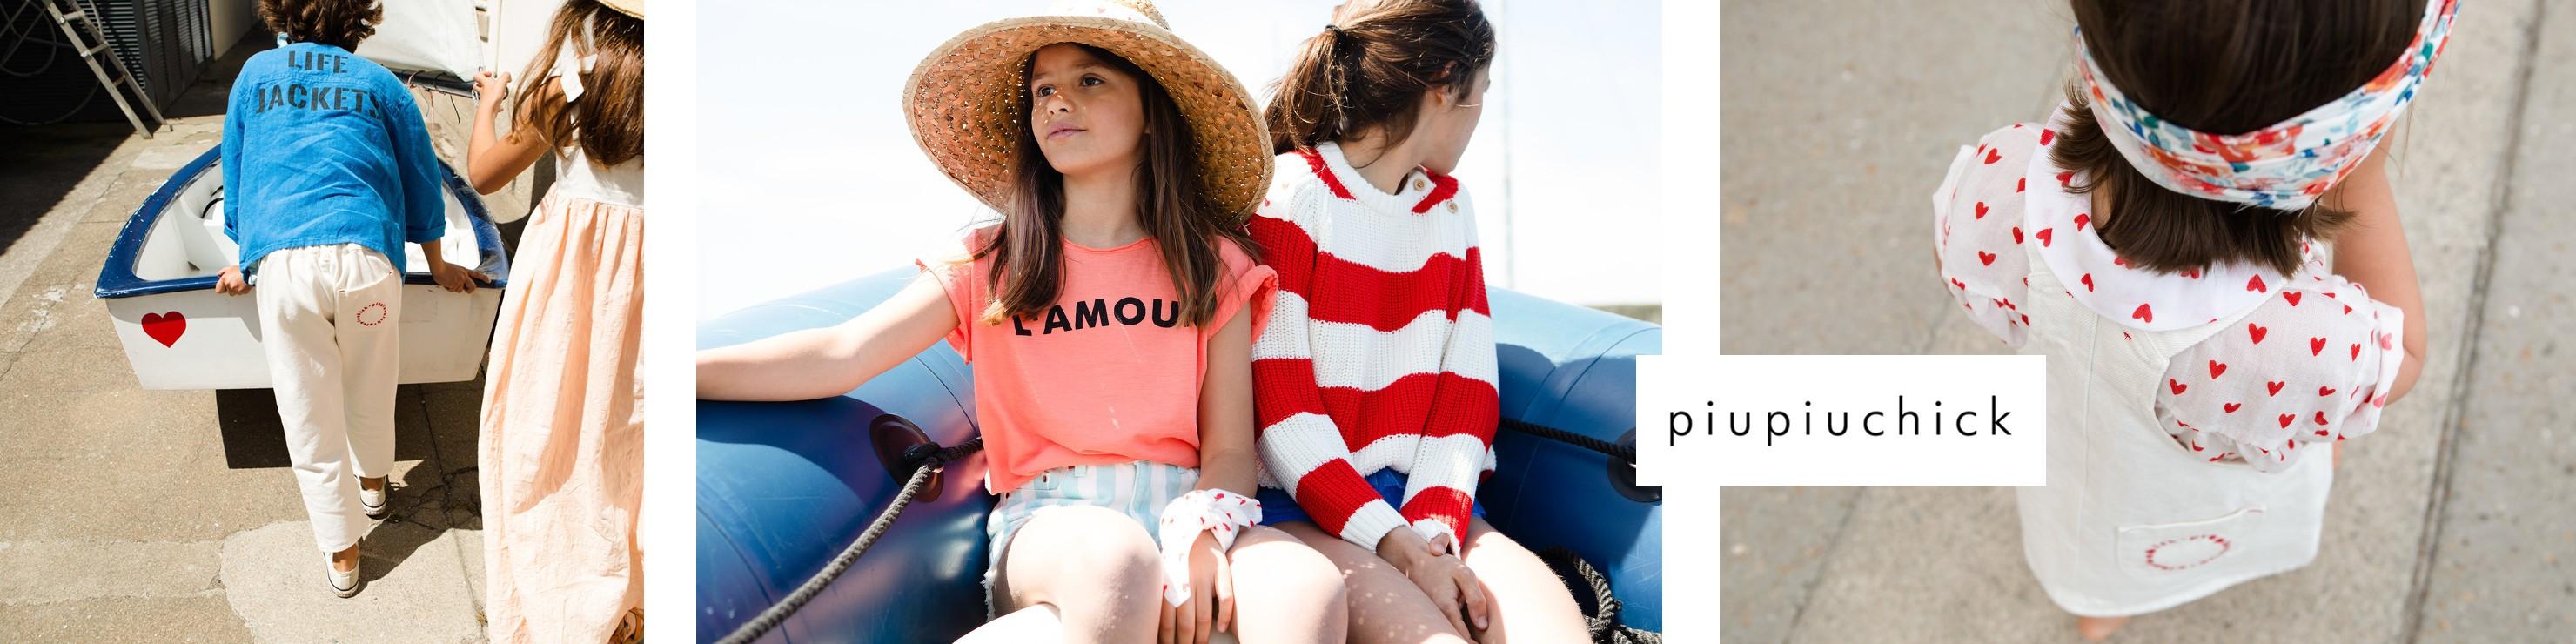 """Piupiuchick est une marque créative et passionnée originaire dePorto, de fabricationlocal en coton biologique. Embarquez sur le Pacific Princess grâce à la collection """"Come board"""""""